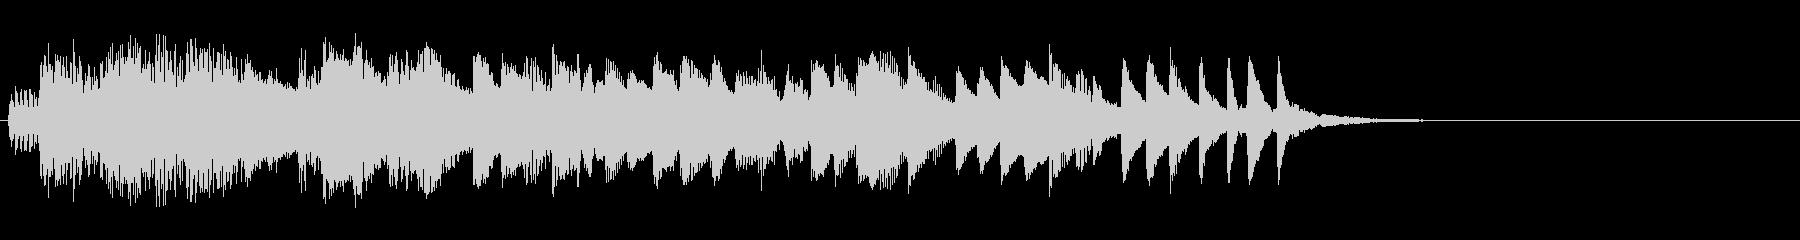 グランドピアノ:クレイジークライミ...の未再生の波形